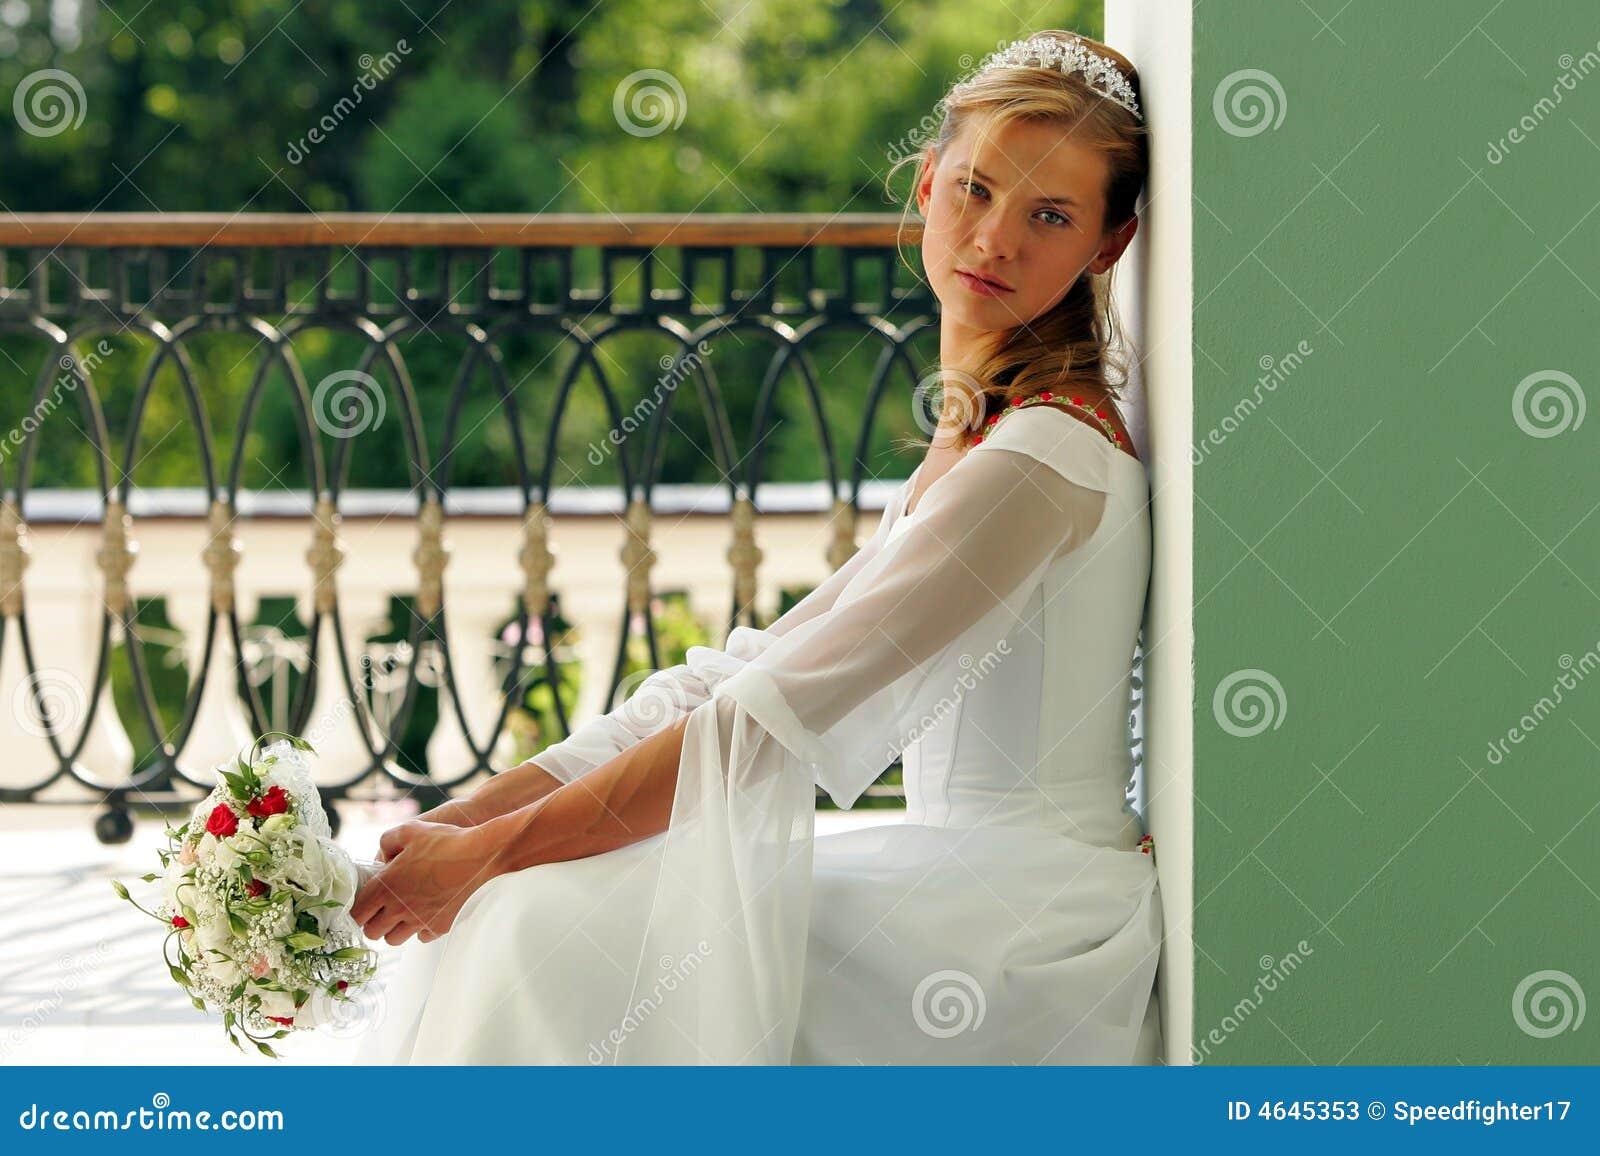 Noiva no vestido de casamento branco